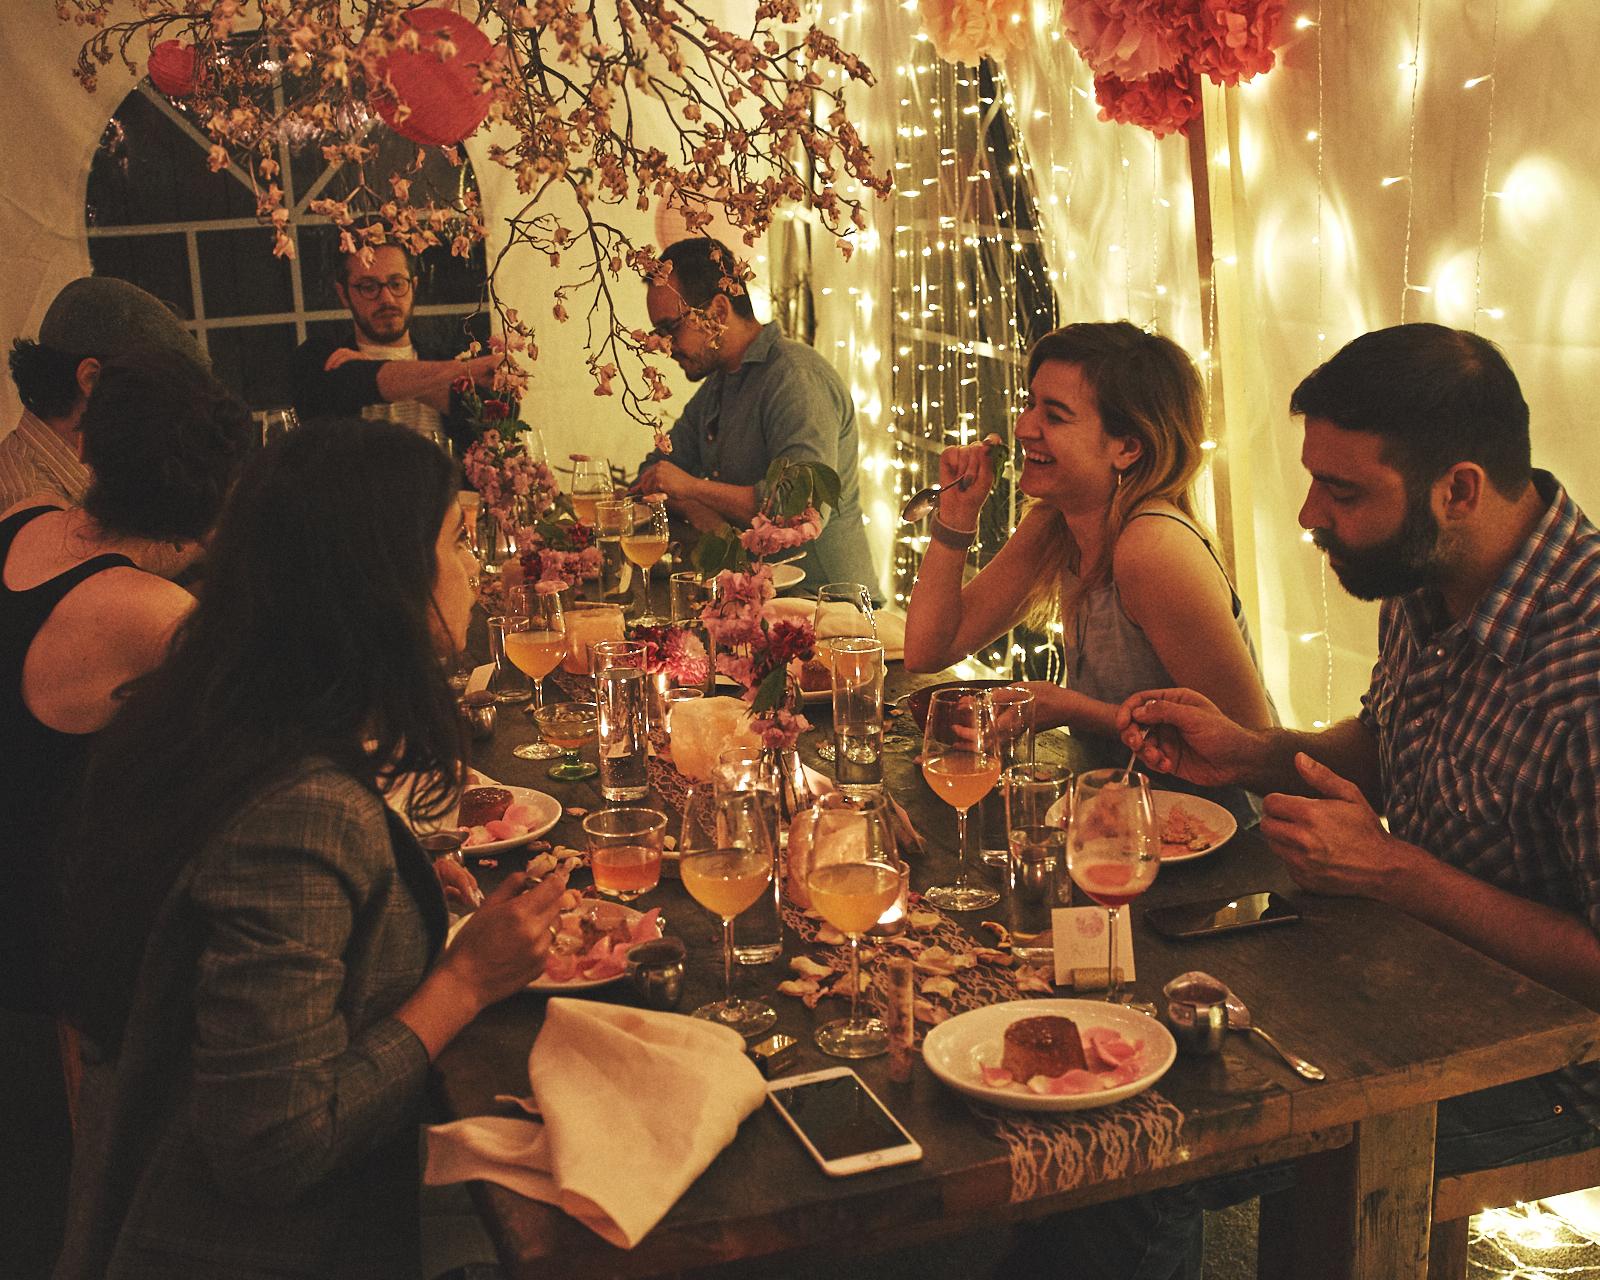 042419_PinkMoonDinner_Dinner_0063.jpg